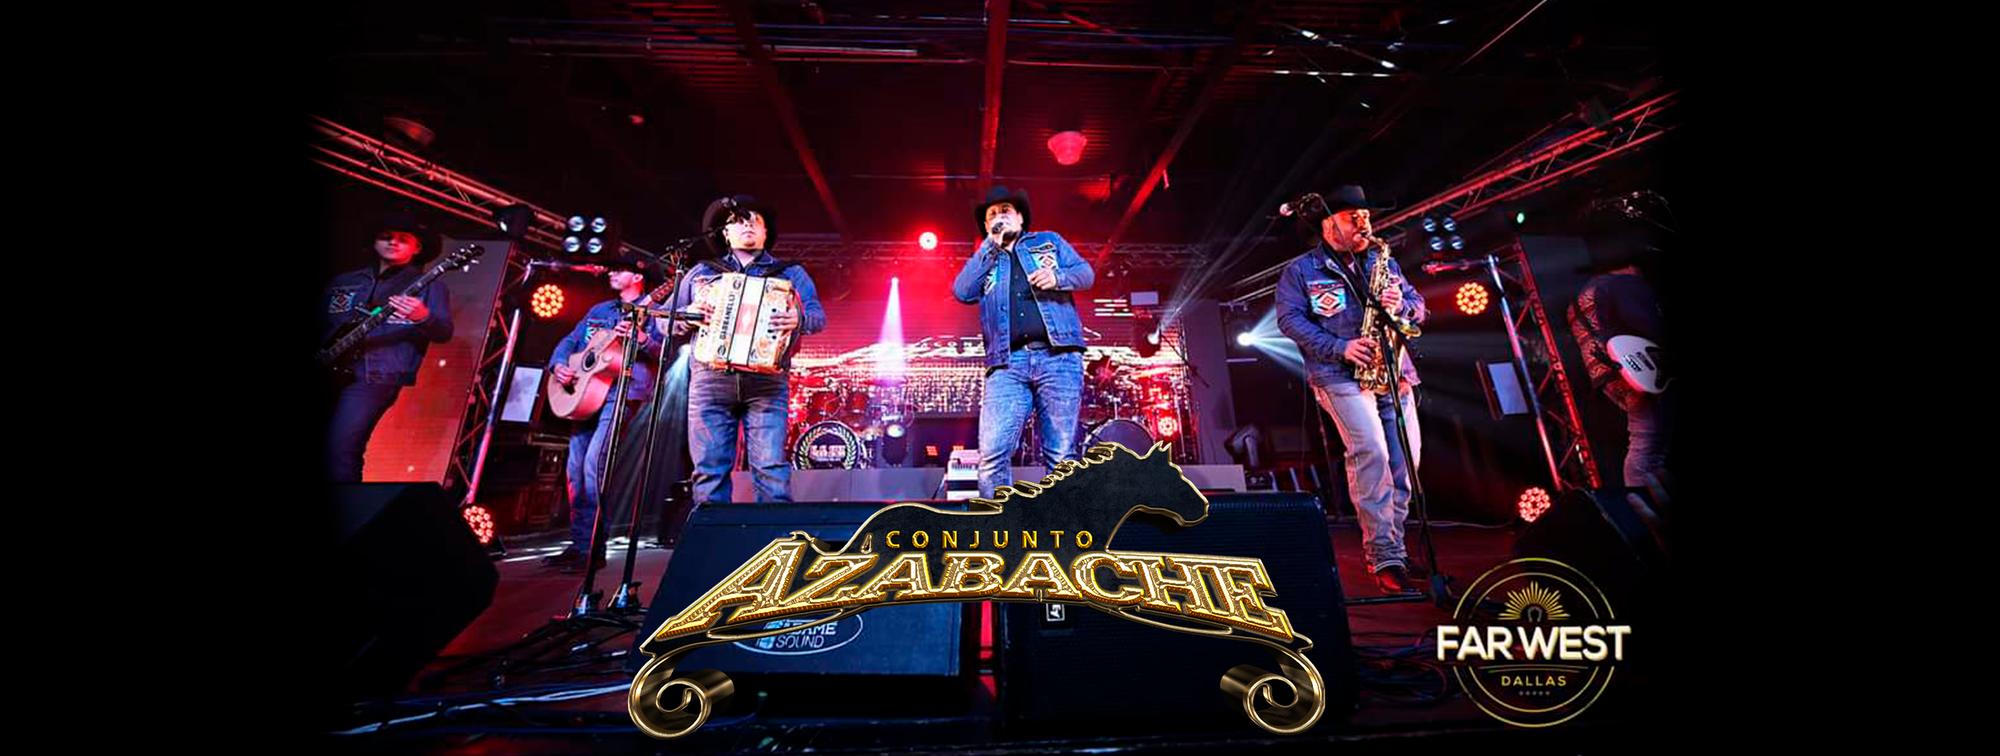 Con GRAN ÉXITO se presentó Conjunto Azabache en el Far West de Dallas, Texas.